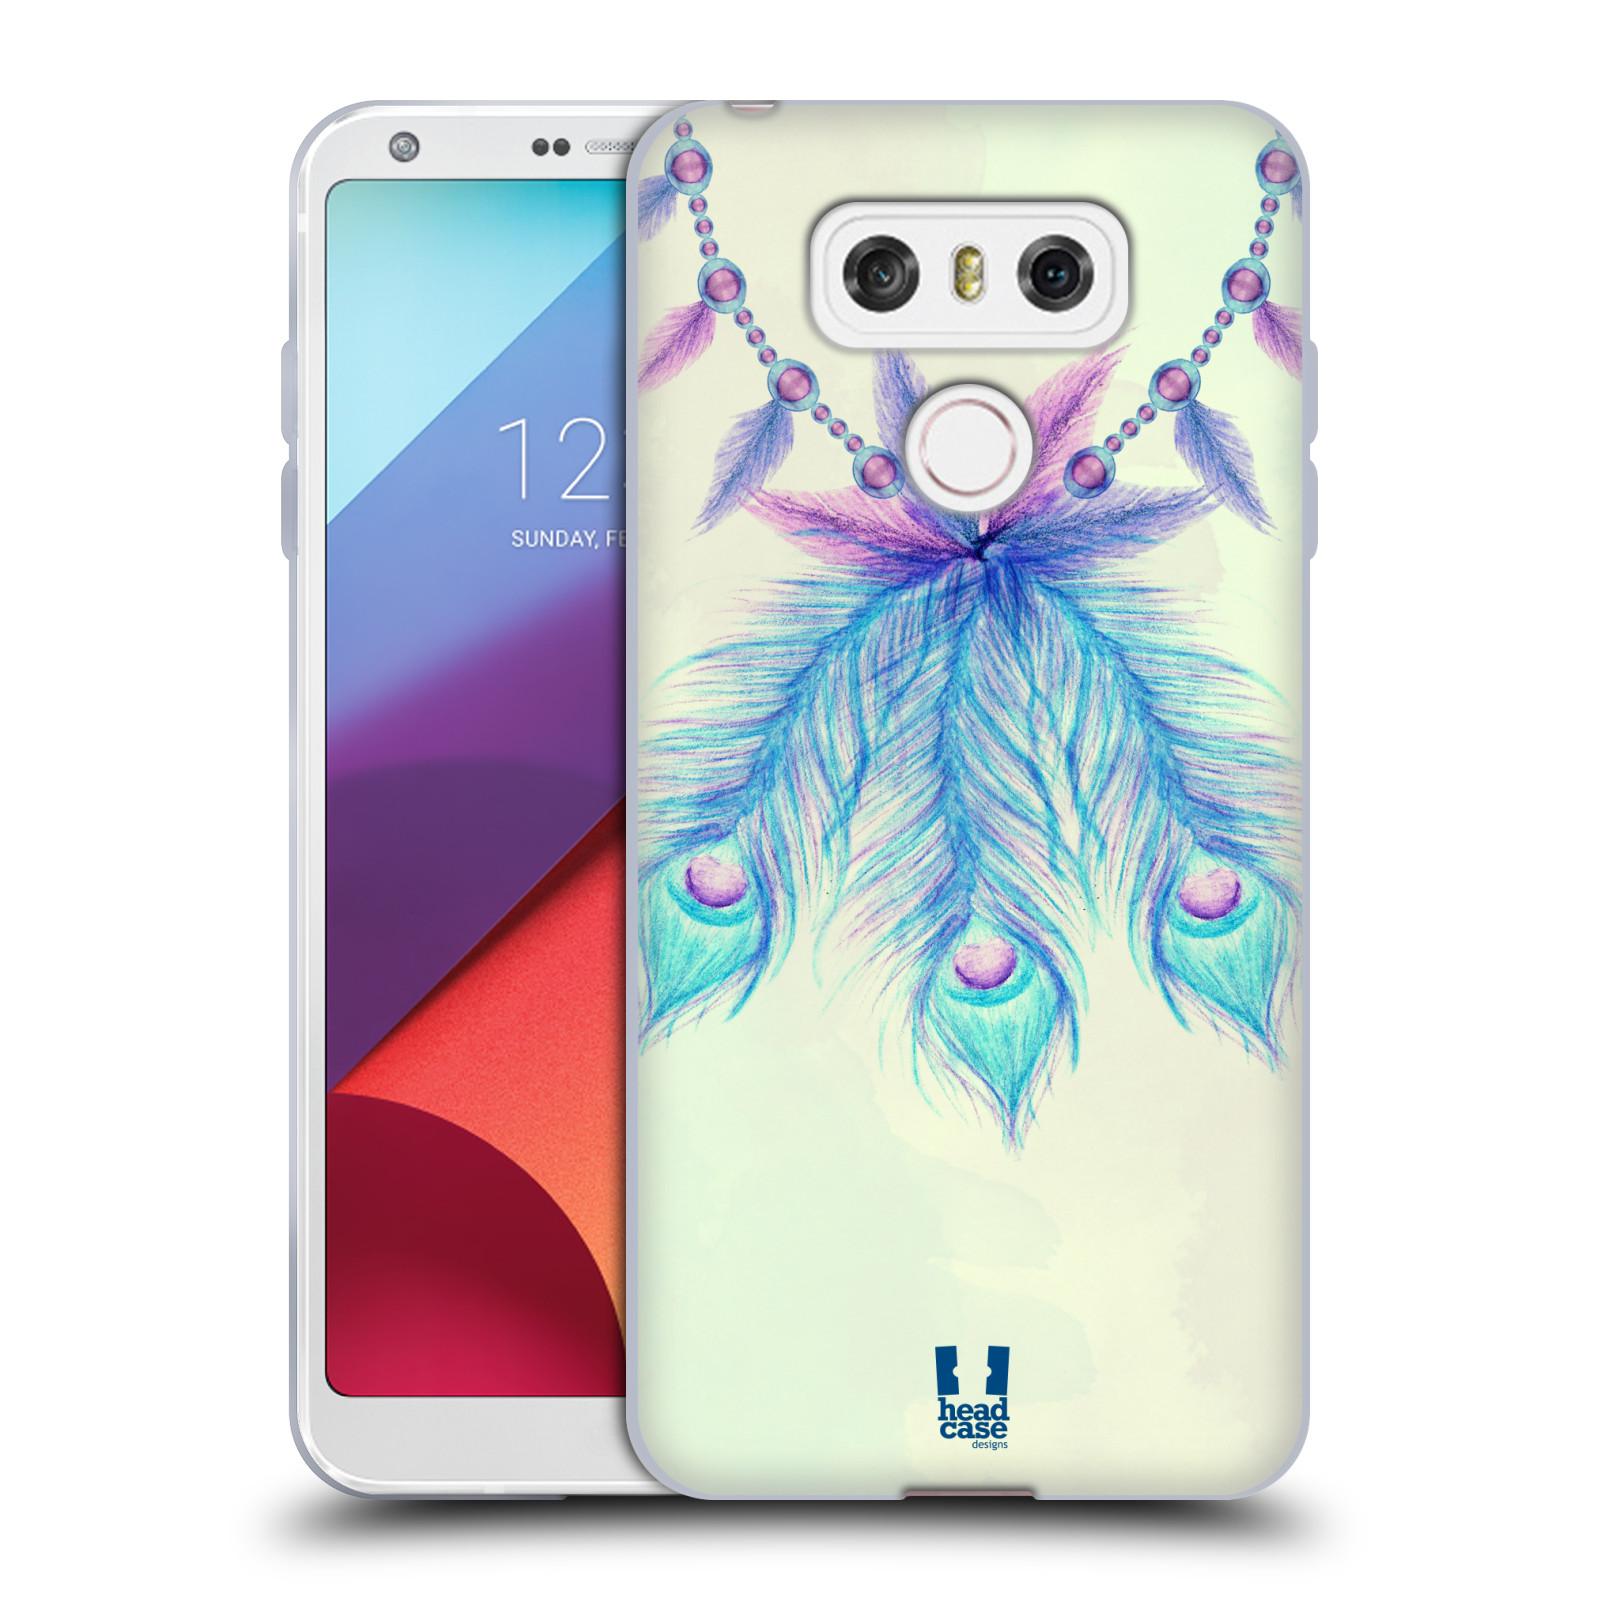 Silikonové pouzdro na mobil LG G6 - Head Case PÍRKA LUCKY (Silikonový kryt či obal na mobilní telefon LG G6 H870 / LG G6 Dual SIM H870DS)